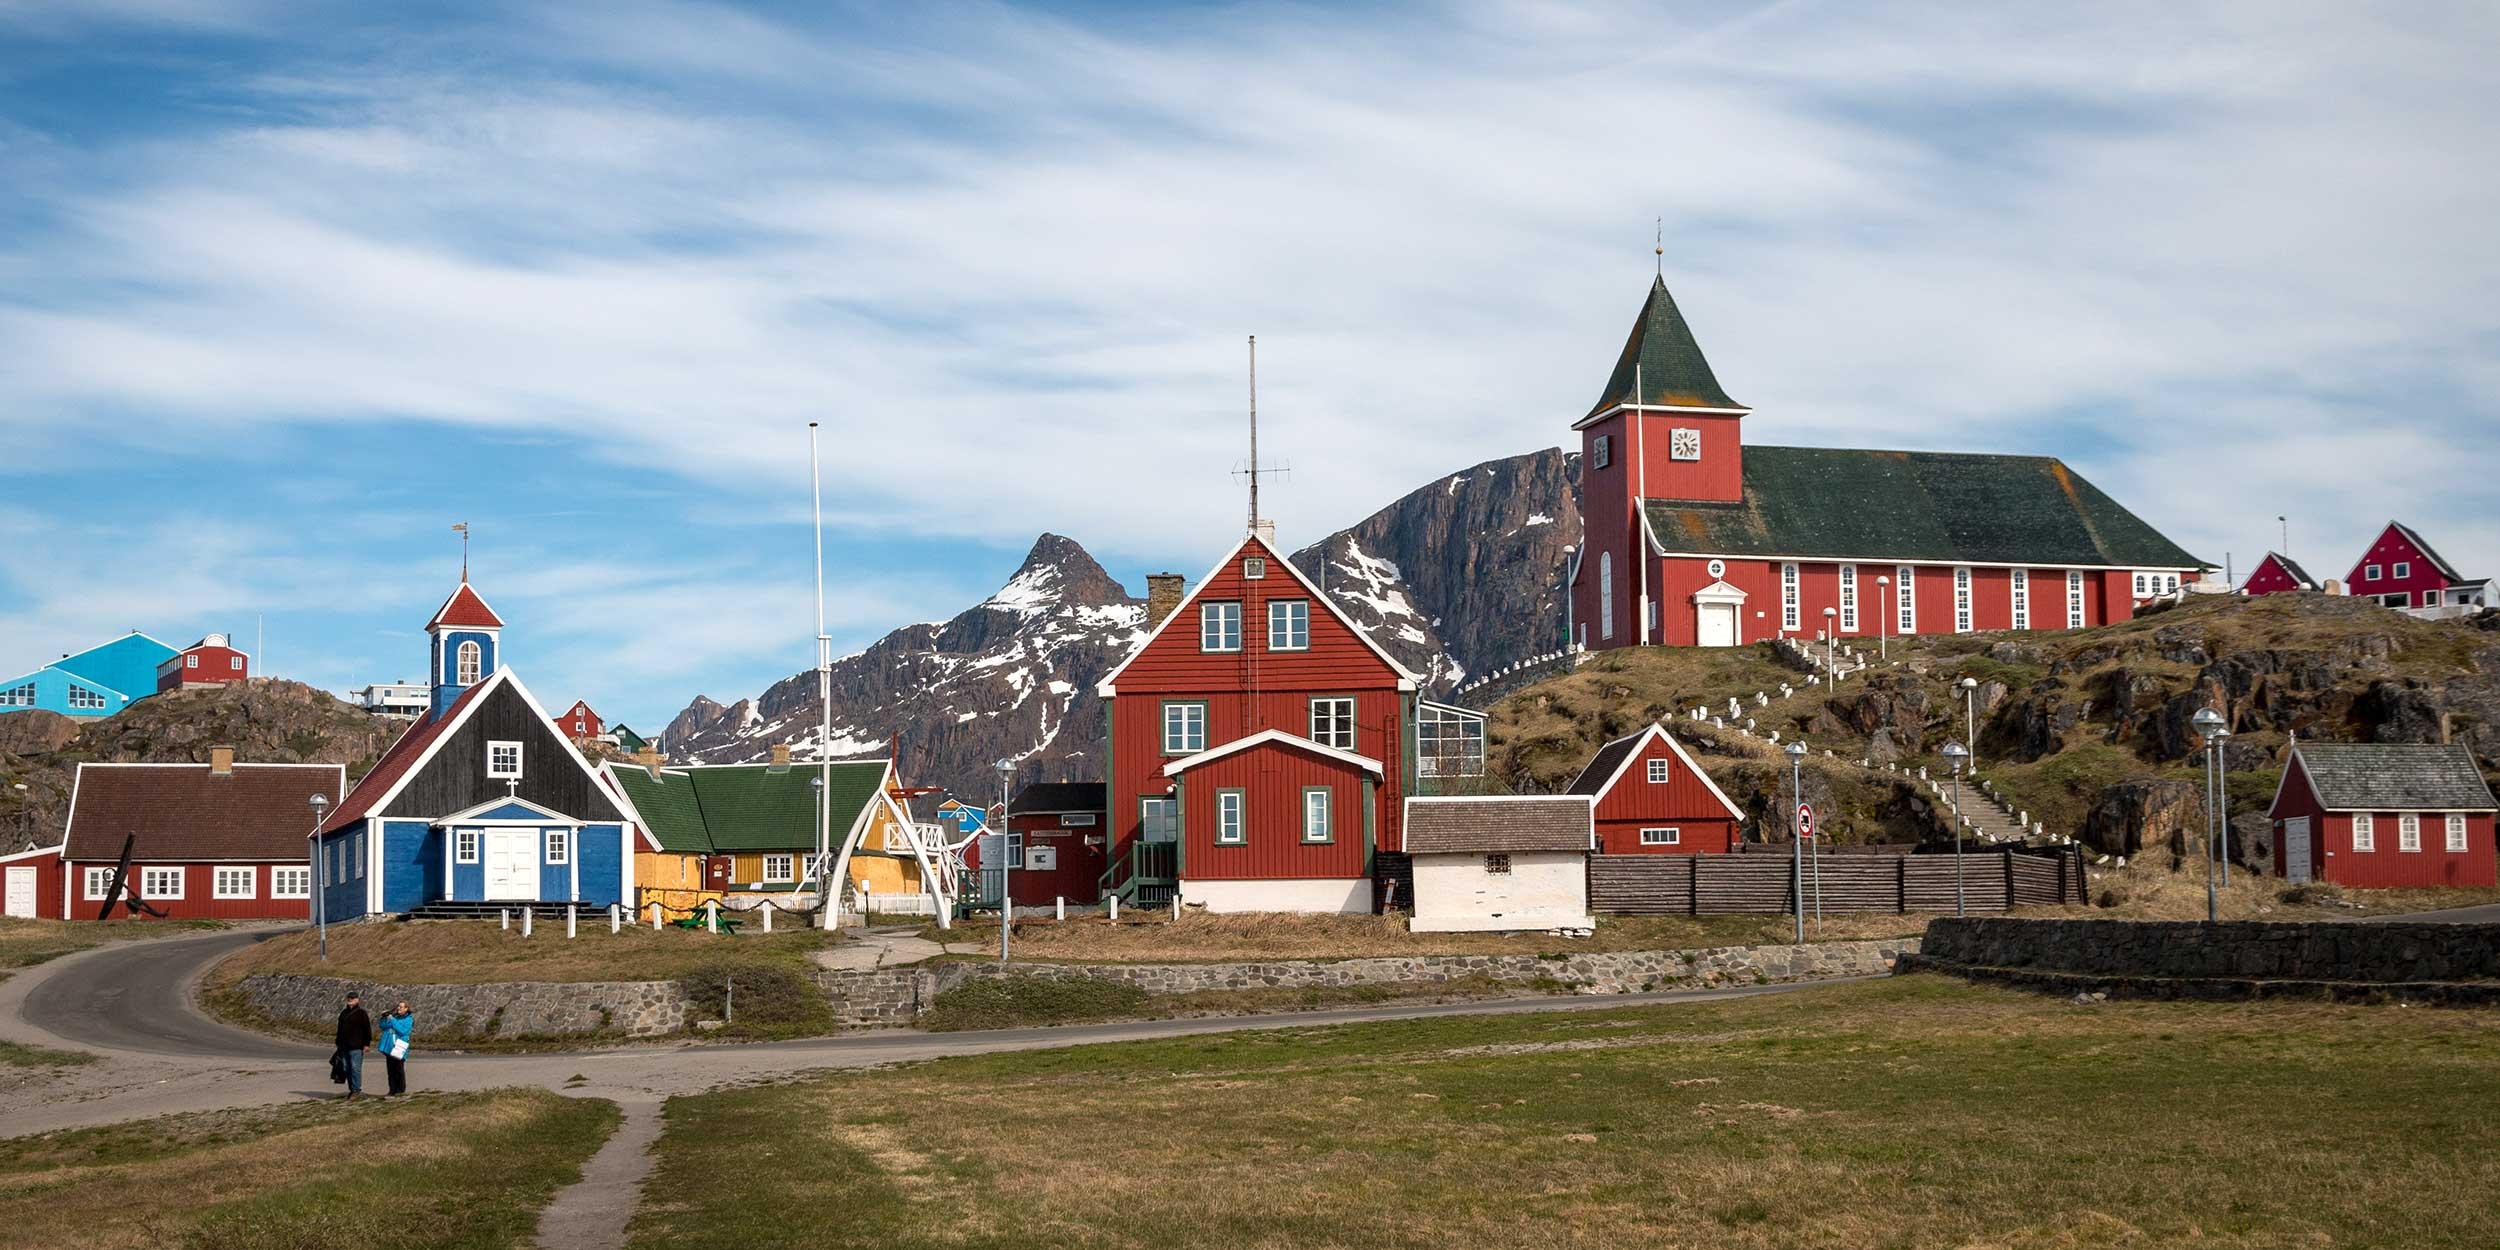 Sisimiut-Greenland-HGR-113667-Andrea-Klaussner.jpg